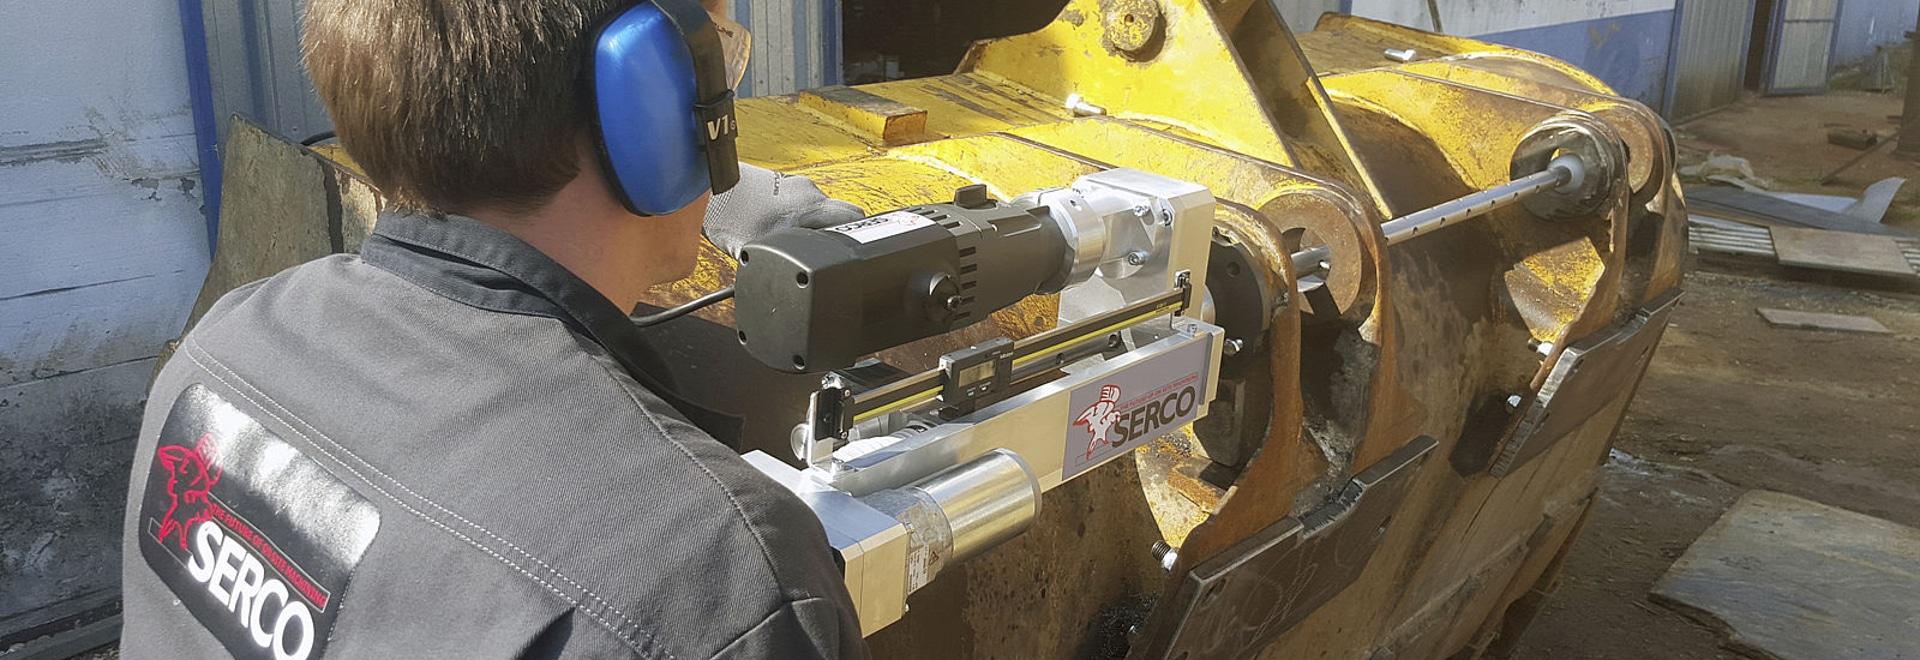 SBM1 Portable Boring Bar